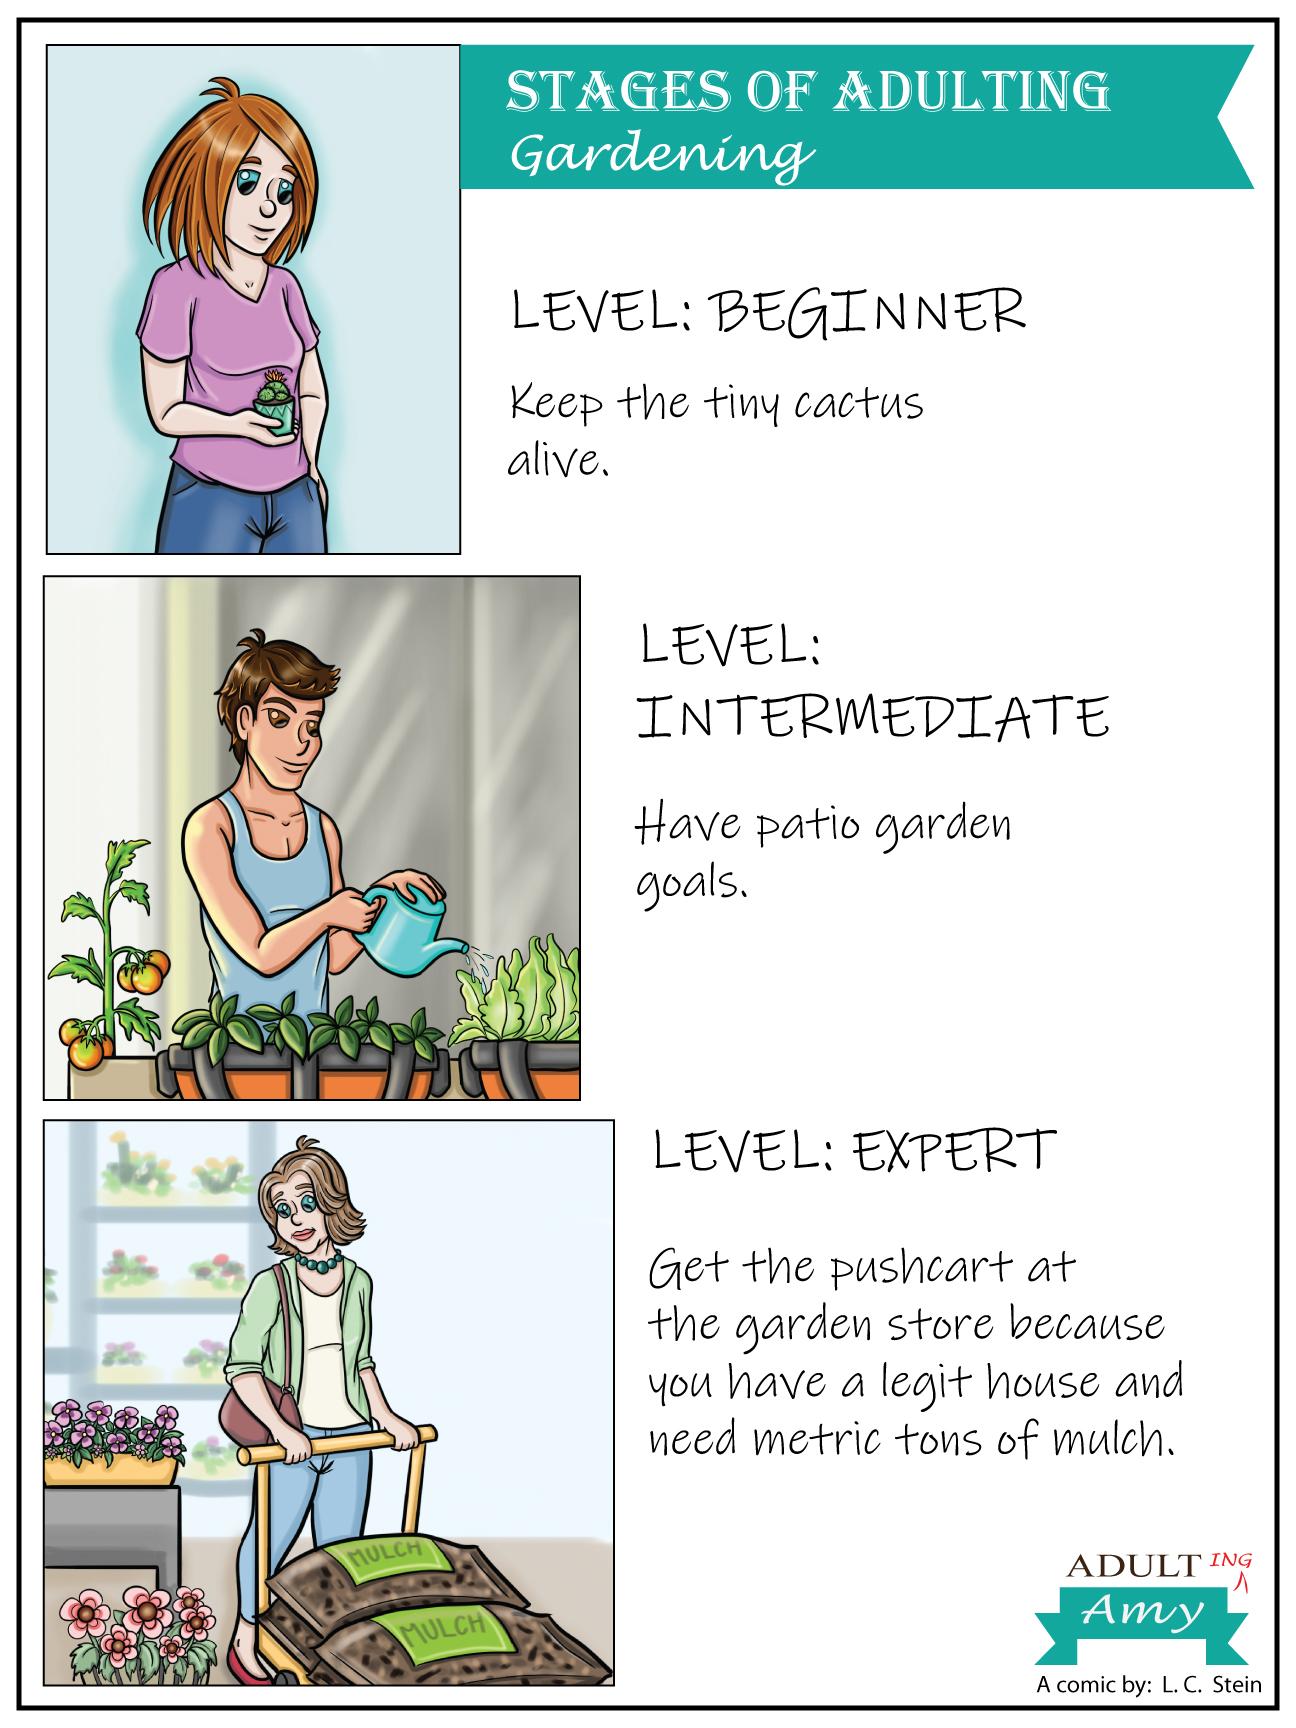 Gardening Goals